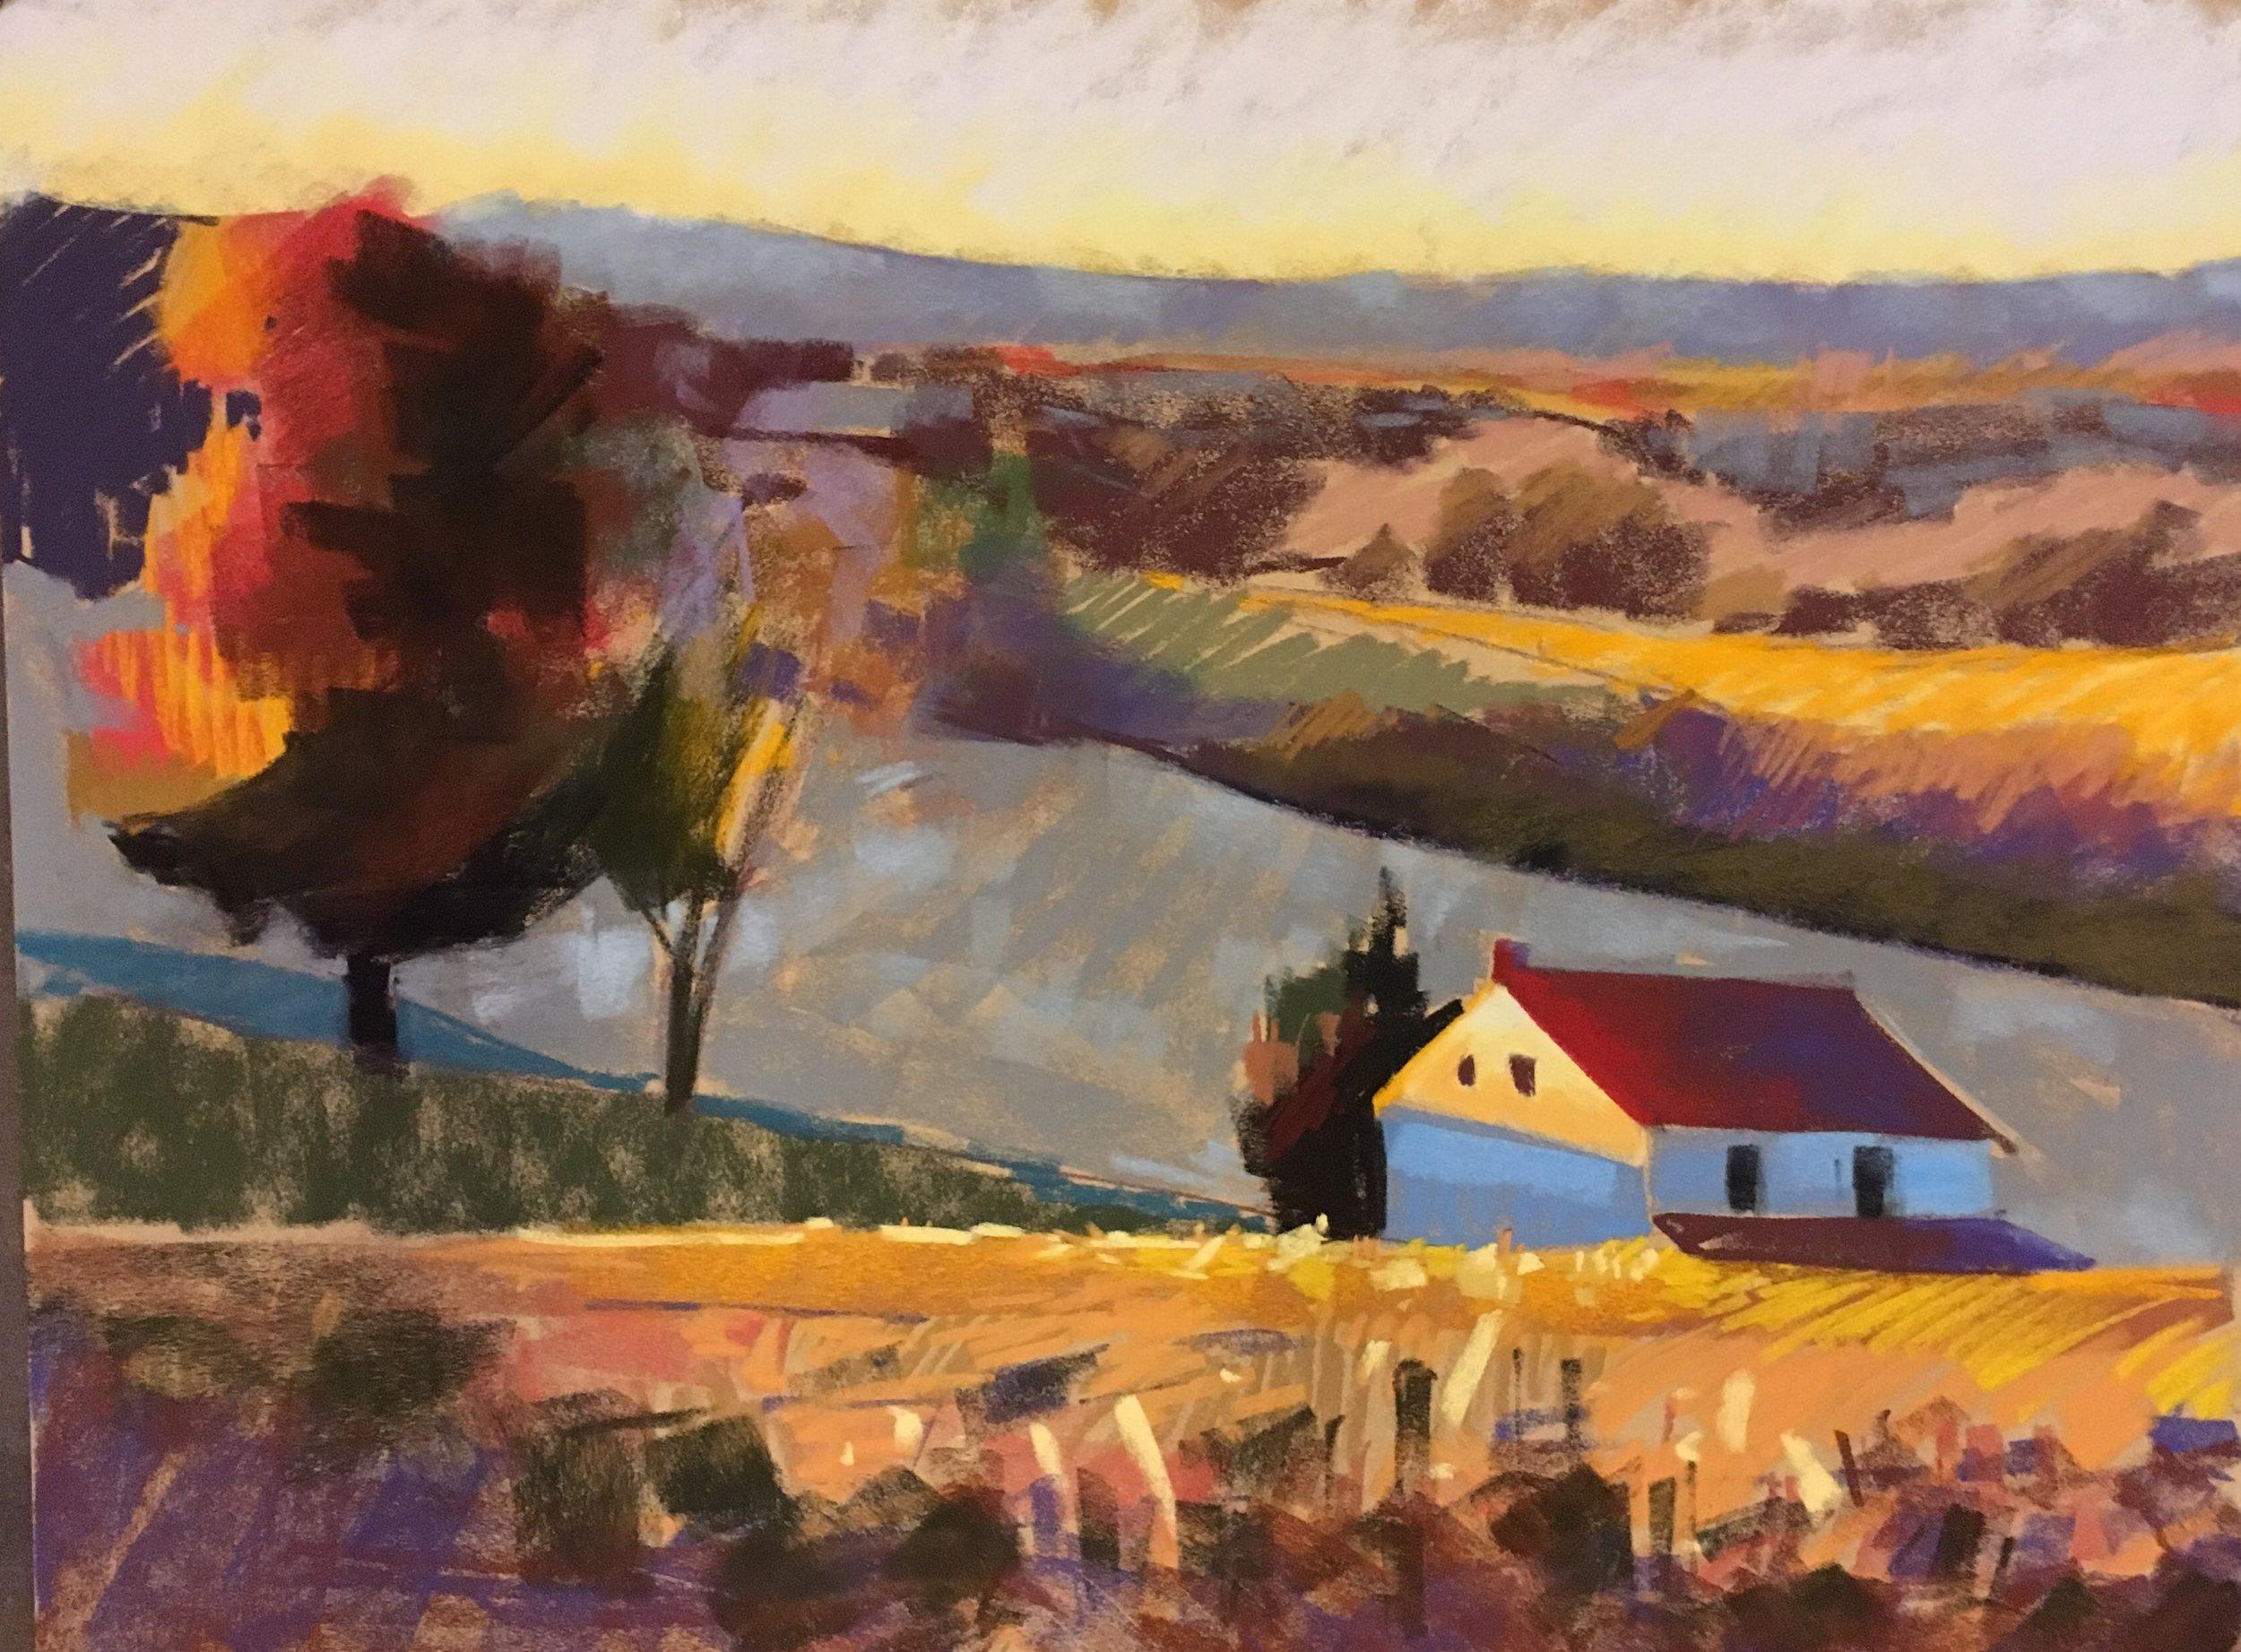 Houcksville Farm at Dusk 23x31 Available